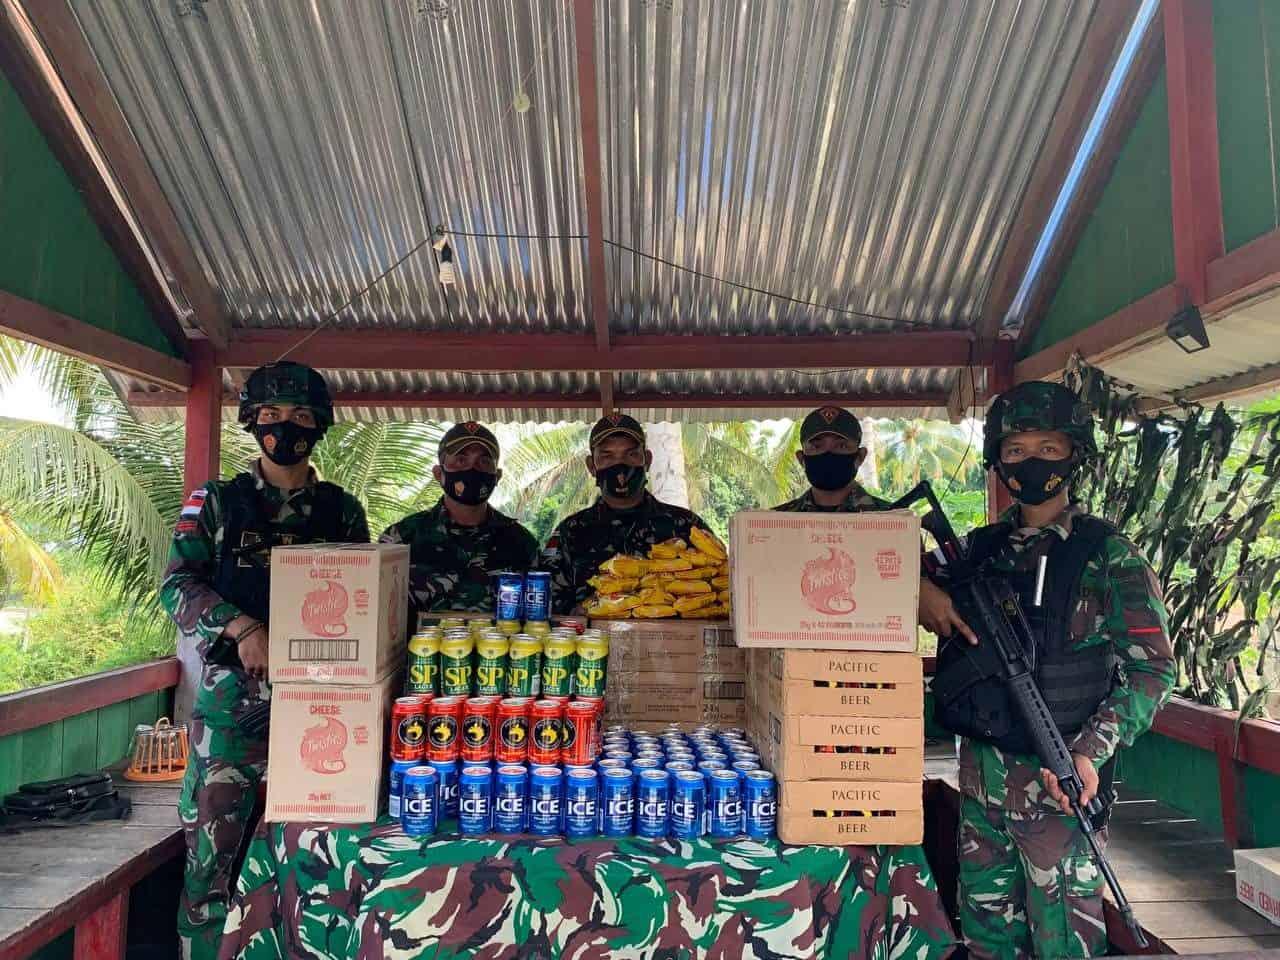 TNI Satgas Pamtas Yonif 131/Brs Gagalkan Penyeludupan Ratusan Beer Kaleng Ilegal Dari PNG ke Papua